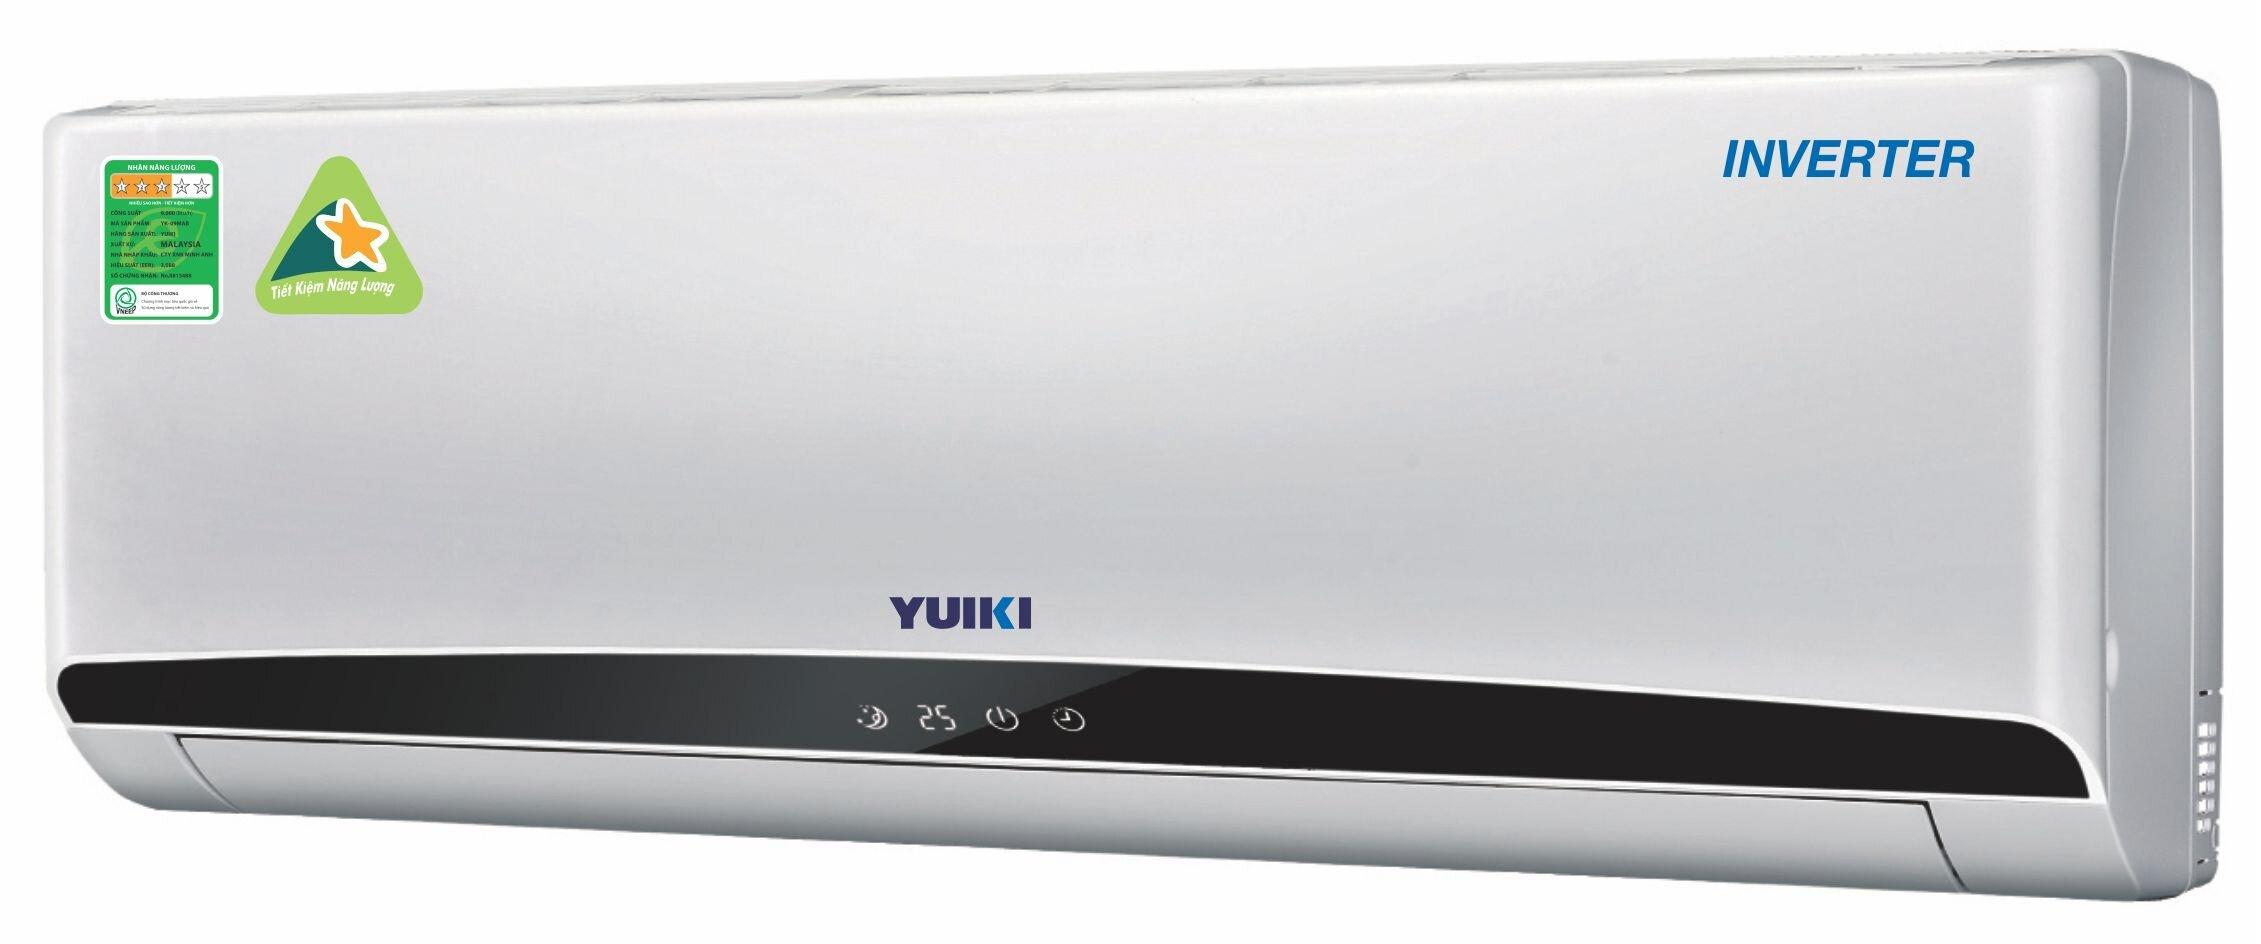 Điều hòa - Máy lạnh Yuiki YK-09MAB - Treo tường , 1 chiều , 9200 BTU